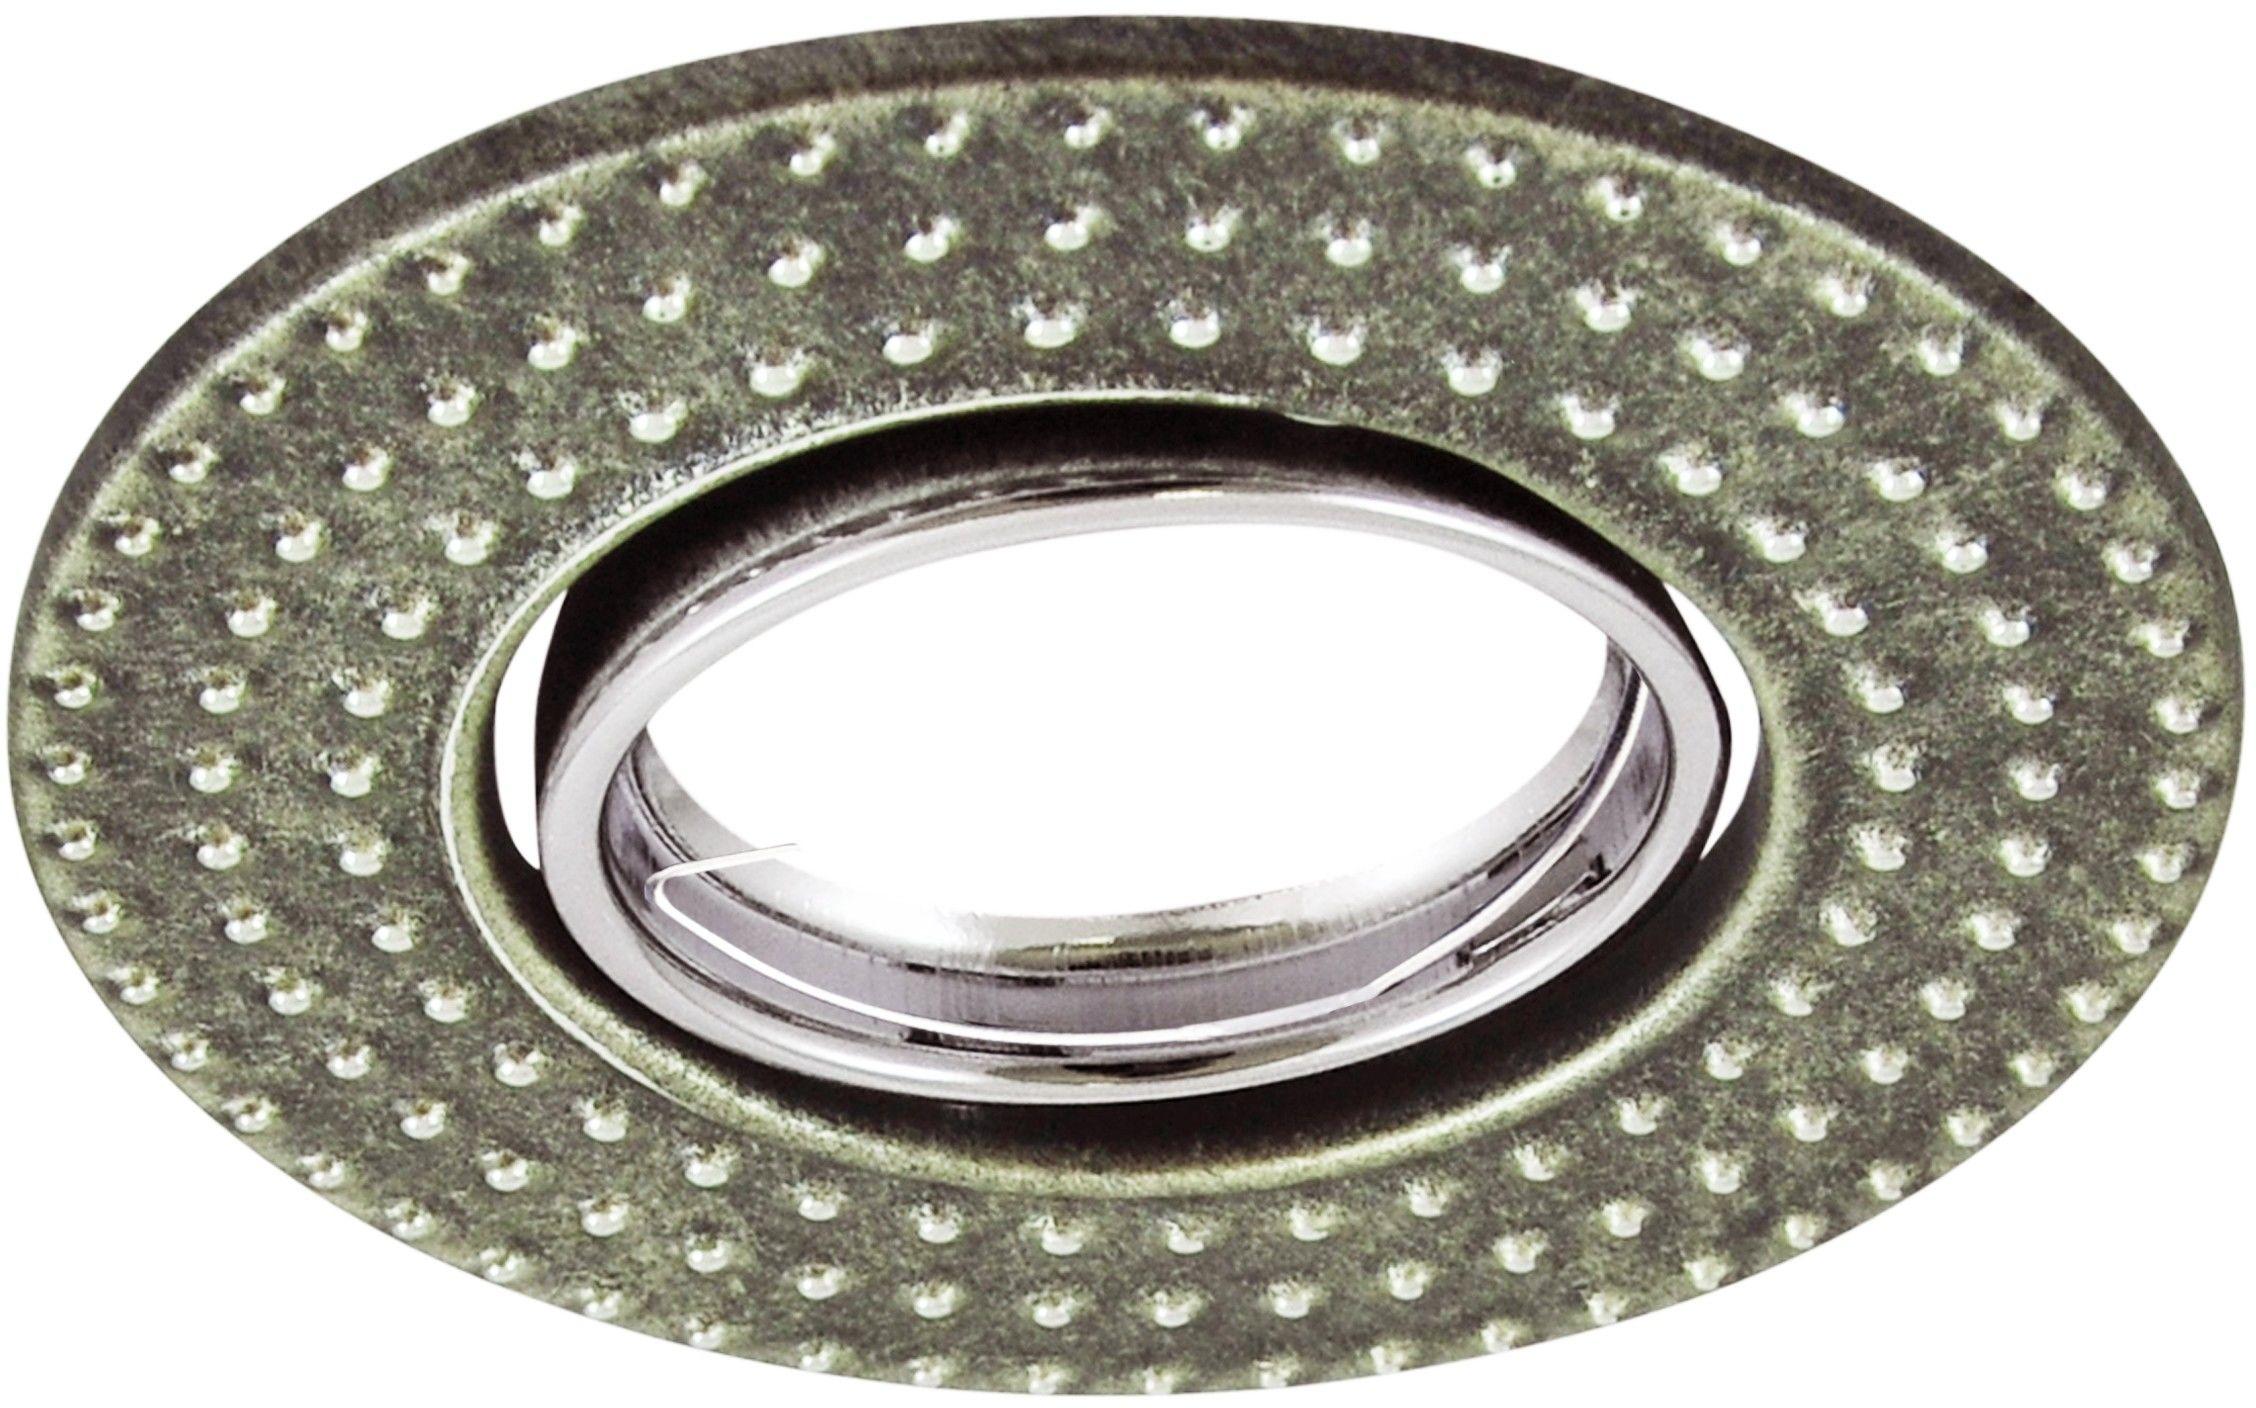 Oczko podtynkowe 1x5W LED 12V FOBOS srebrny antyczny 310262 POLUX/SANICO